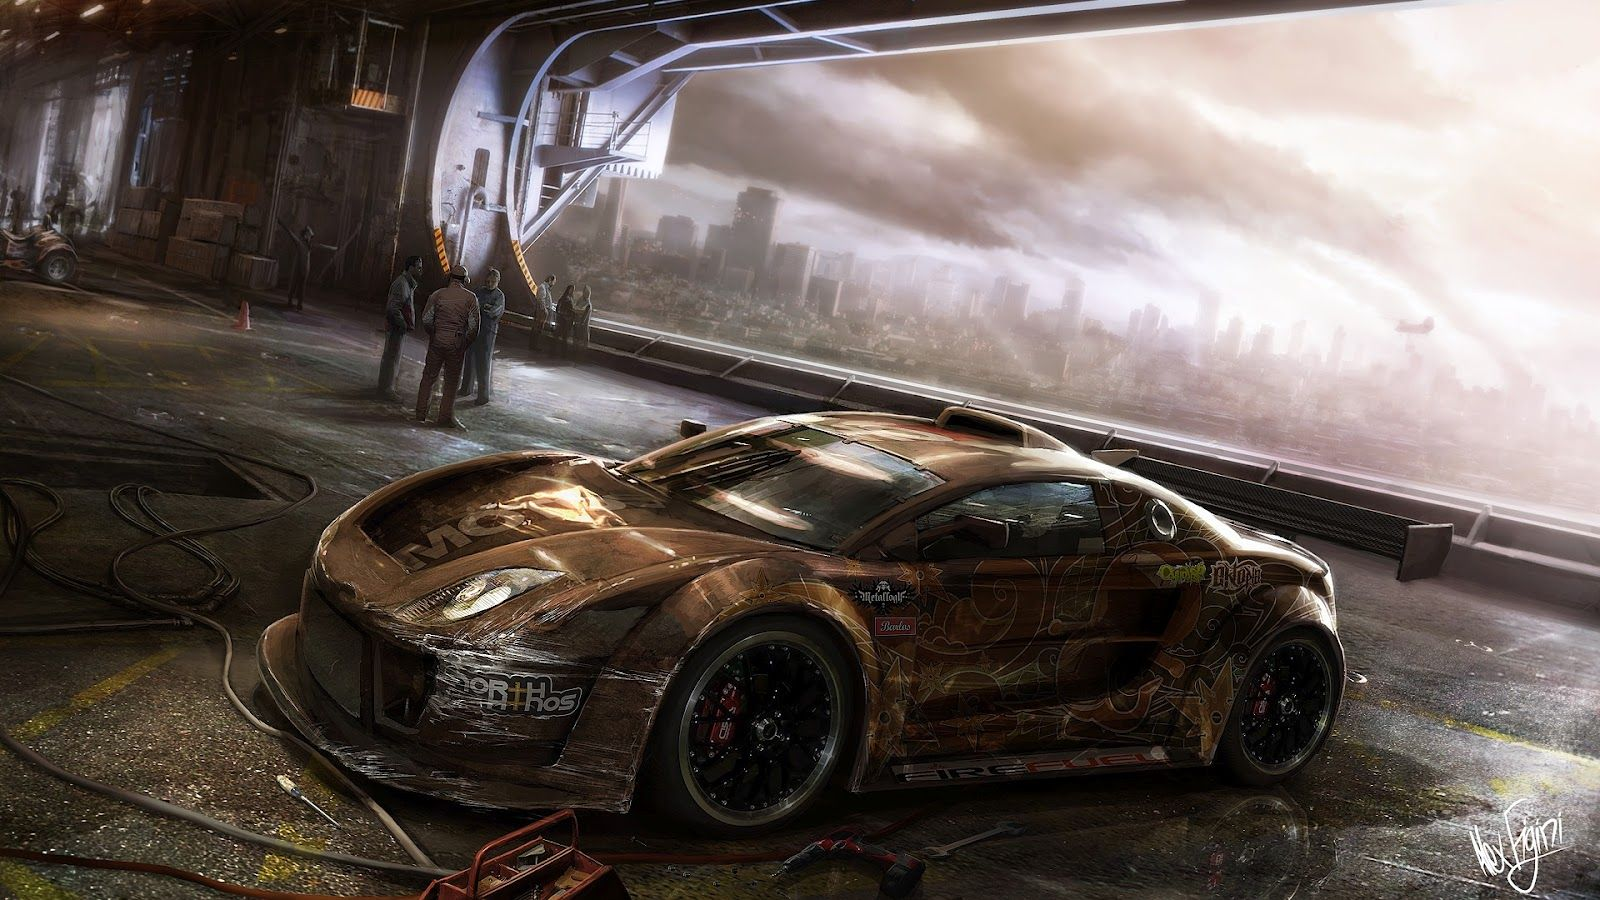 MY future ride.